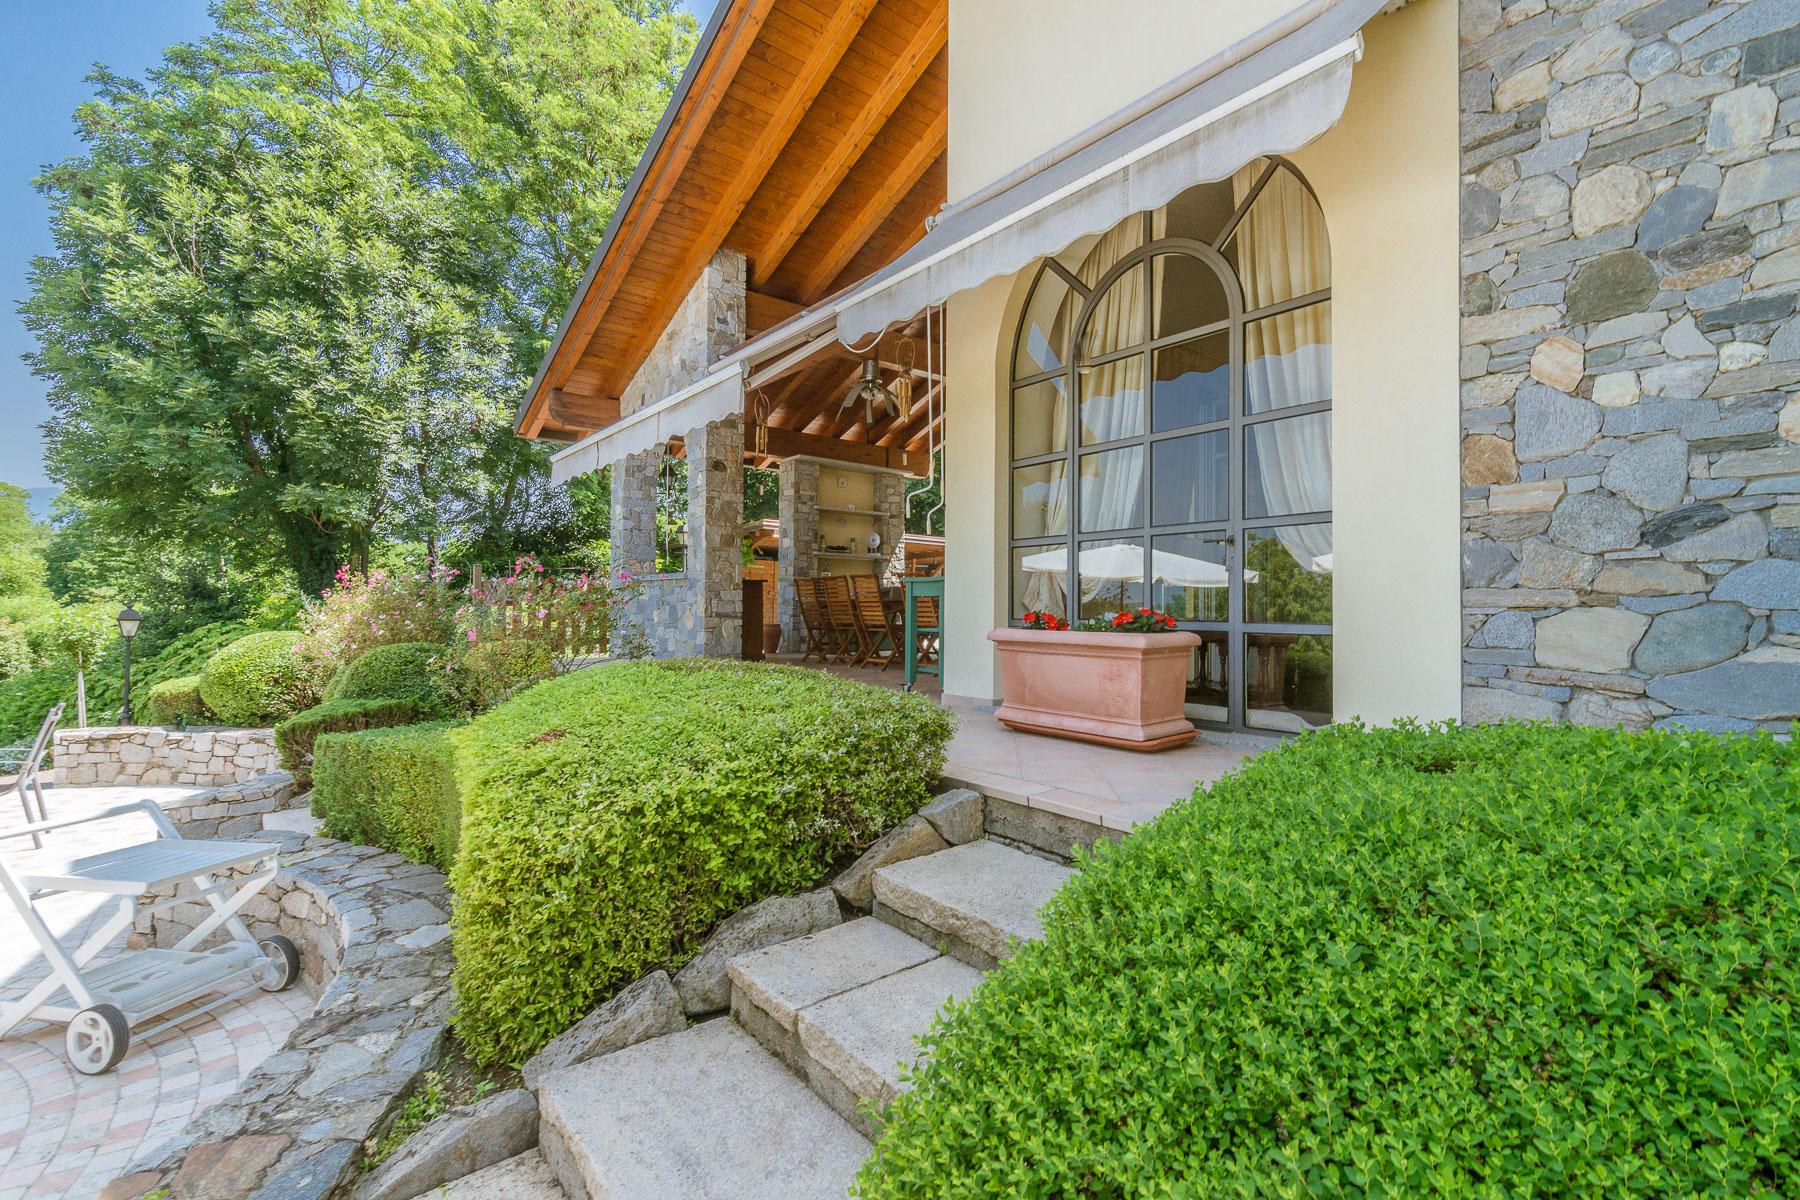 Villa in Vendita a Besozzo: 5 locali, 426 mq - Foto 26